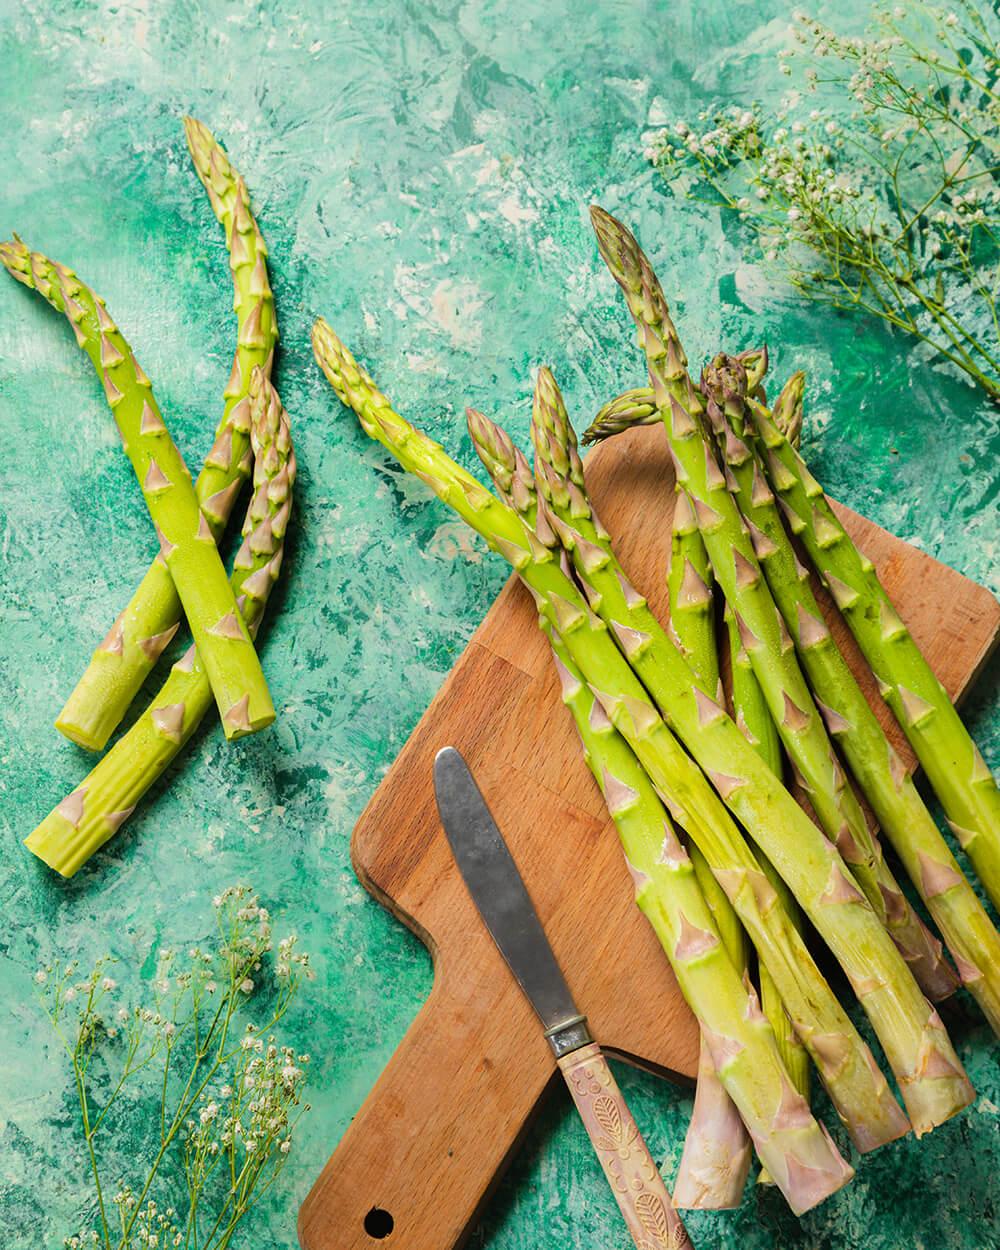 Green Asparagus Peru